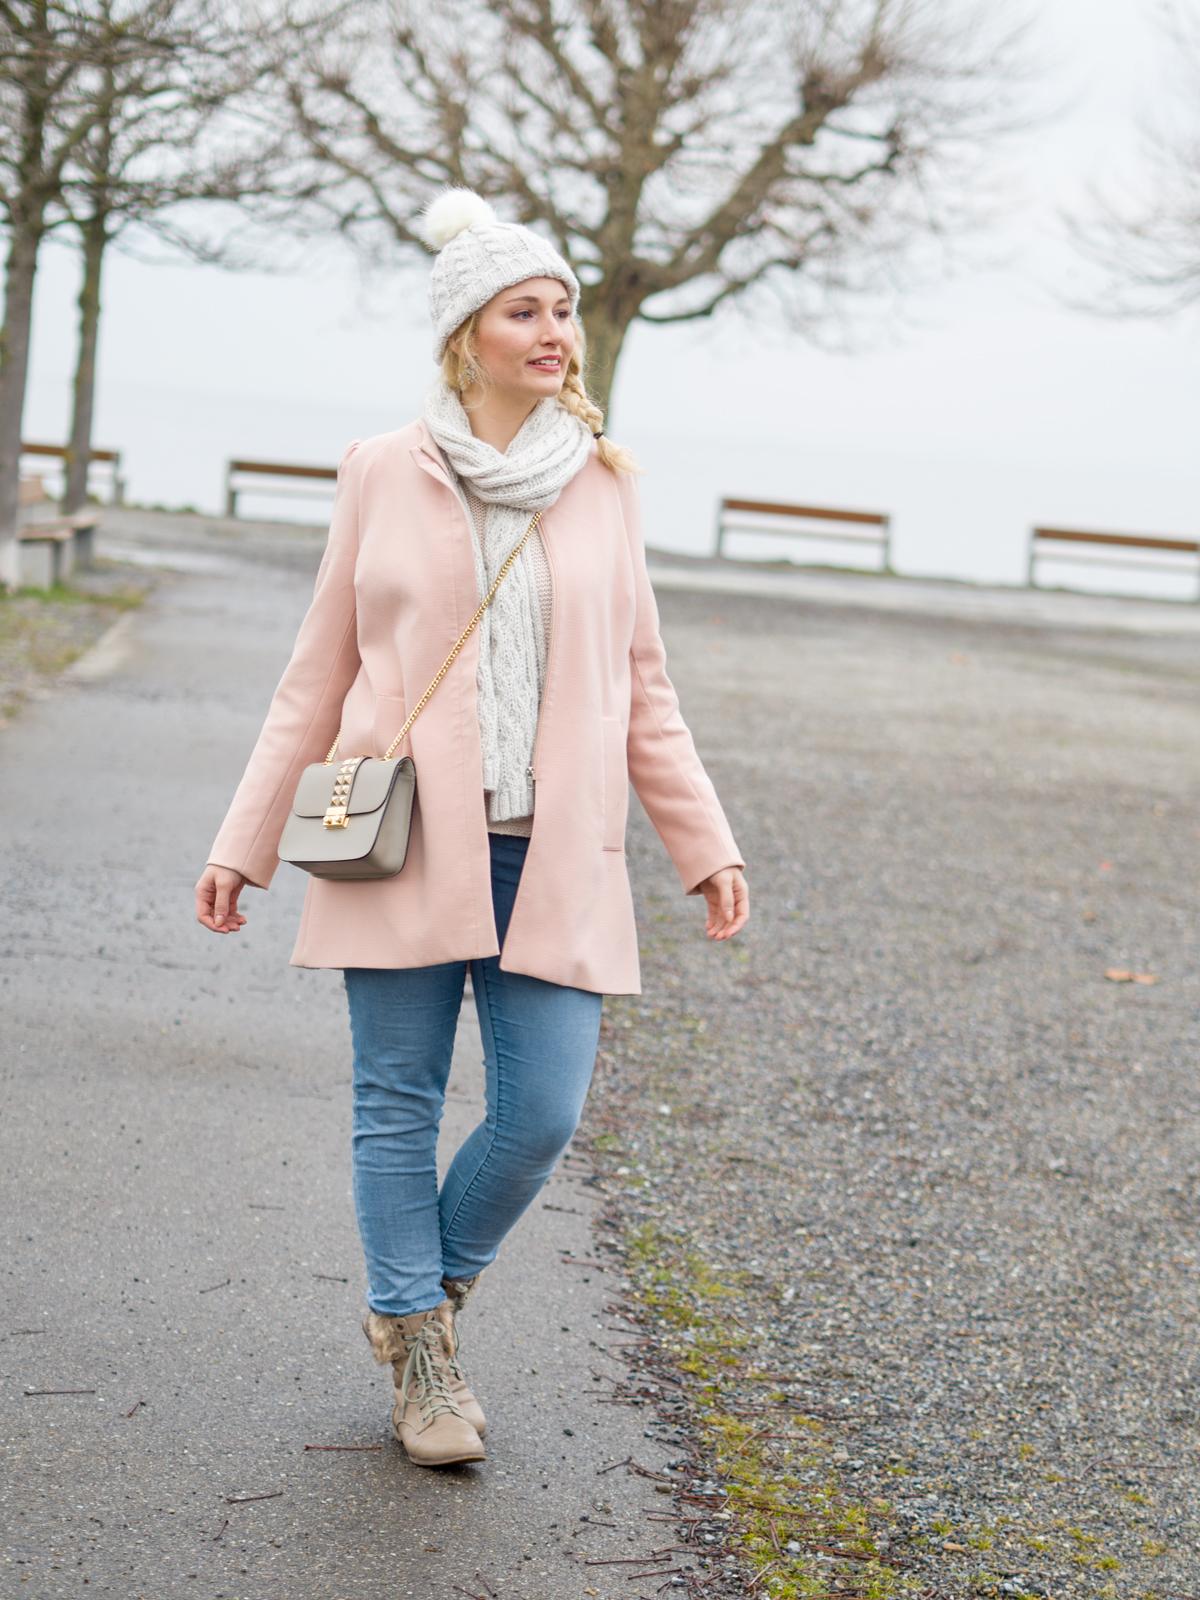 Winterspaziergang und rosafarbener Mantel